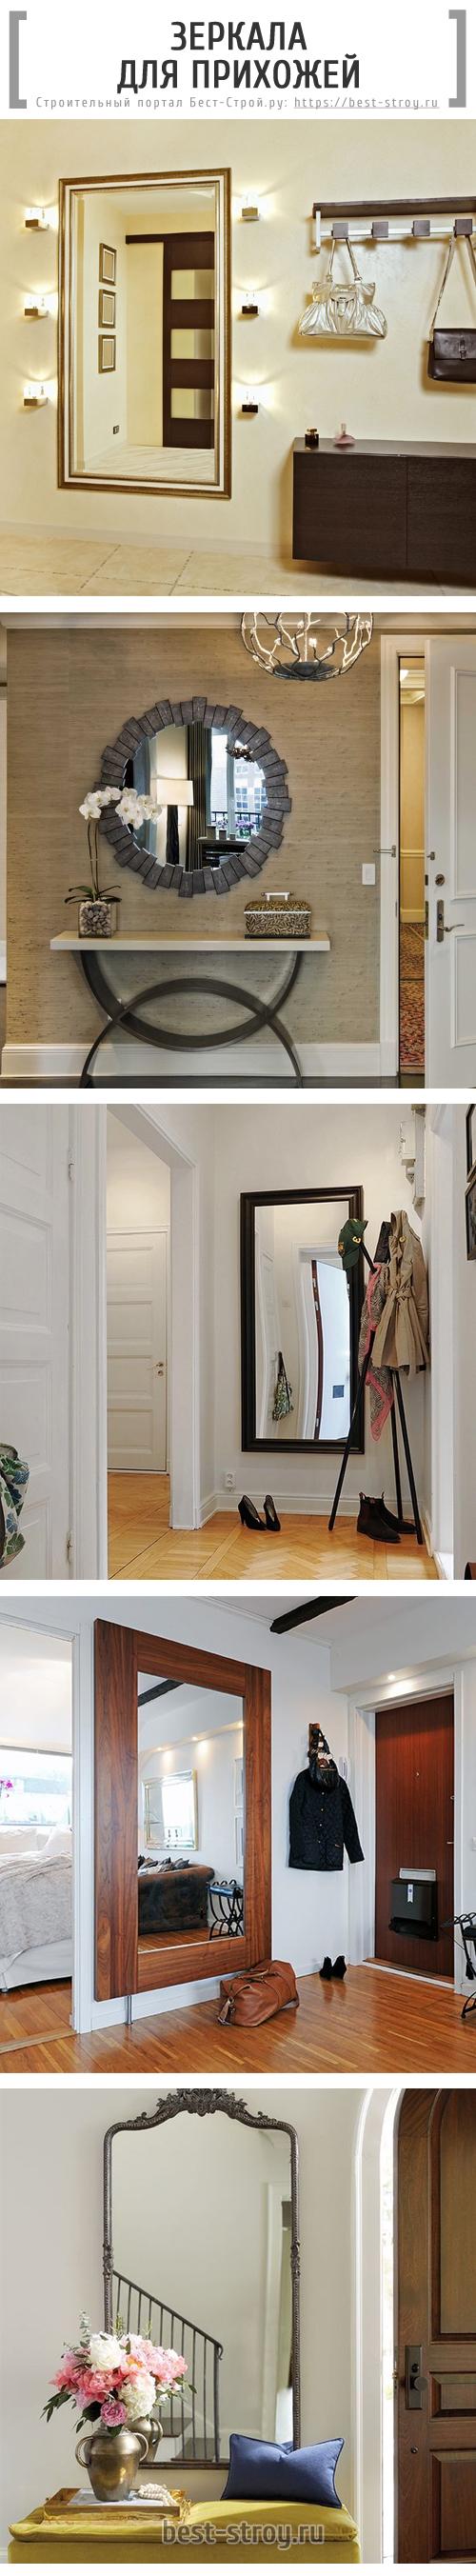 Зеркала в интерьере гостиной, прихожей, спальне и ванной ...